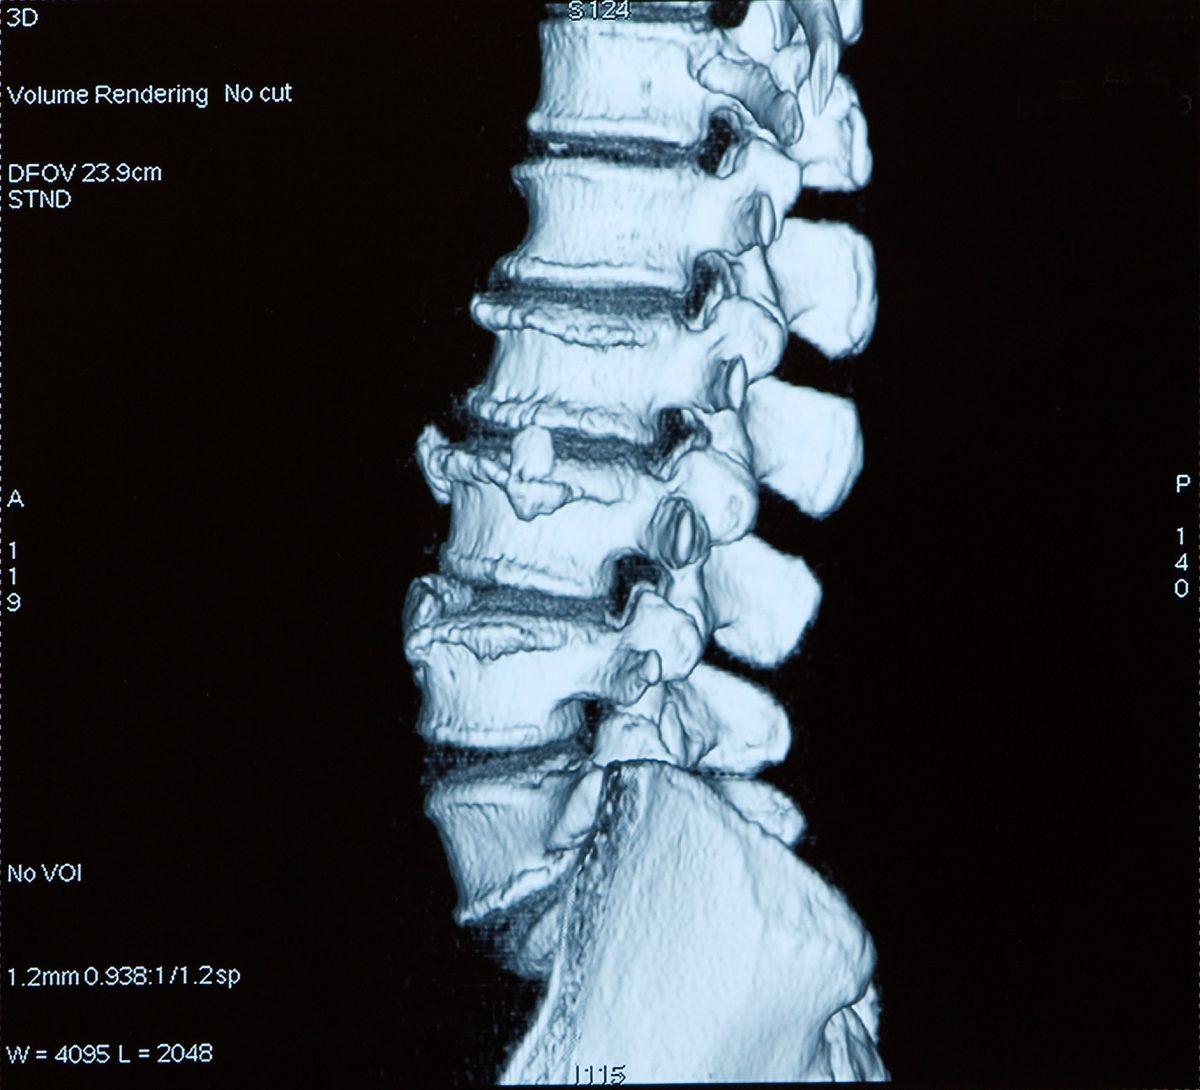 sacral pudendal nerve